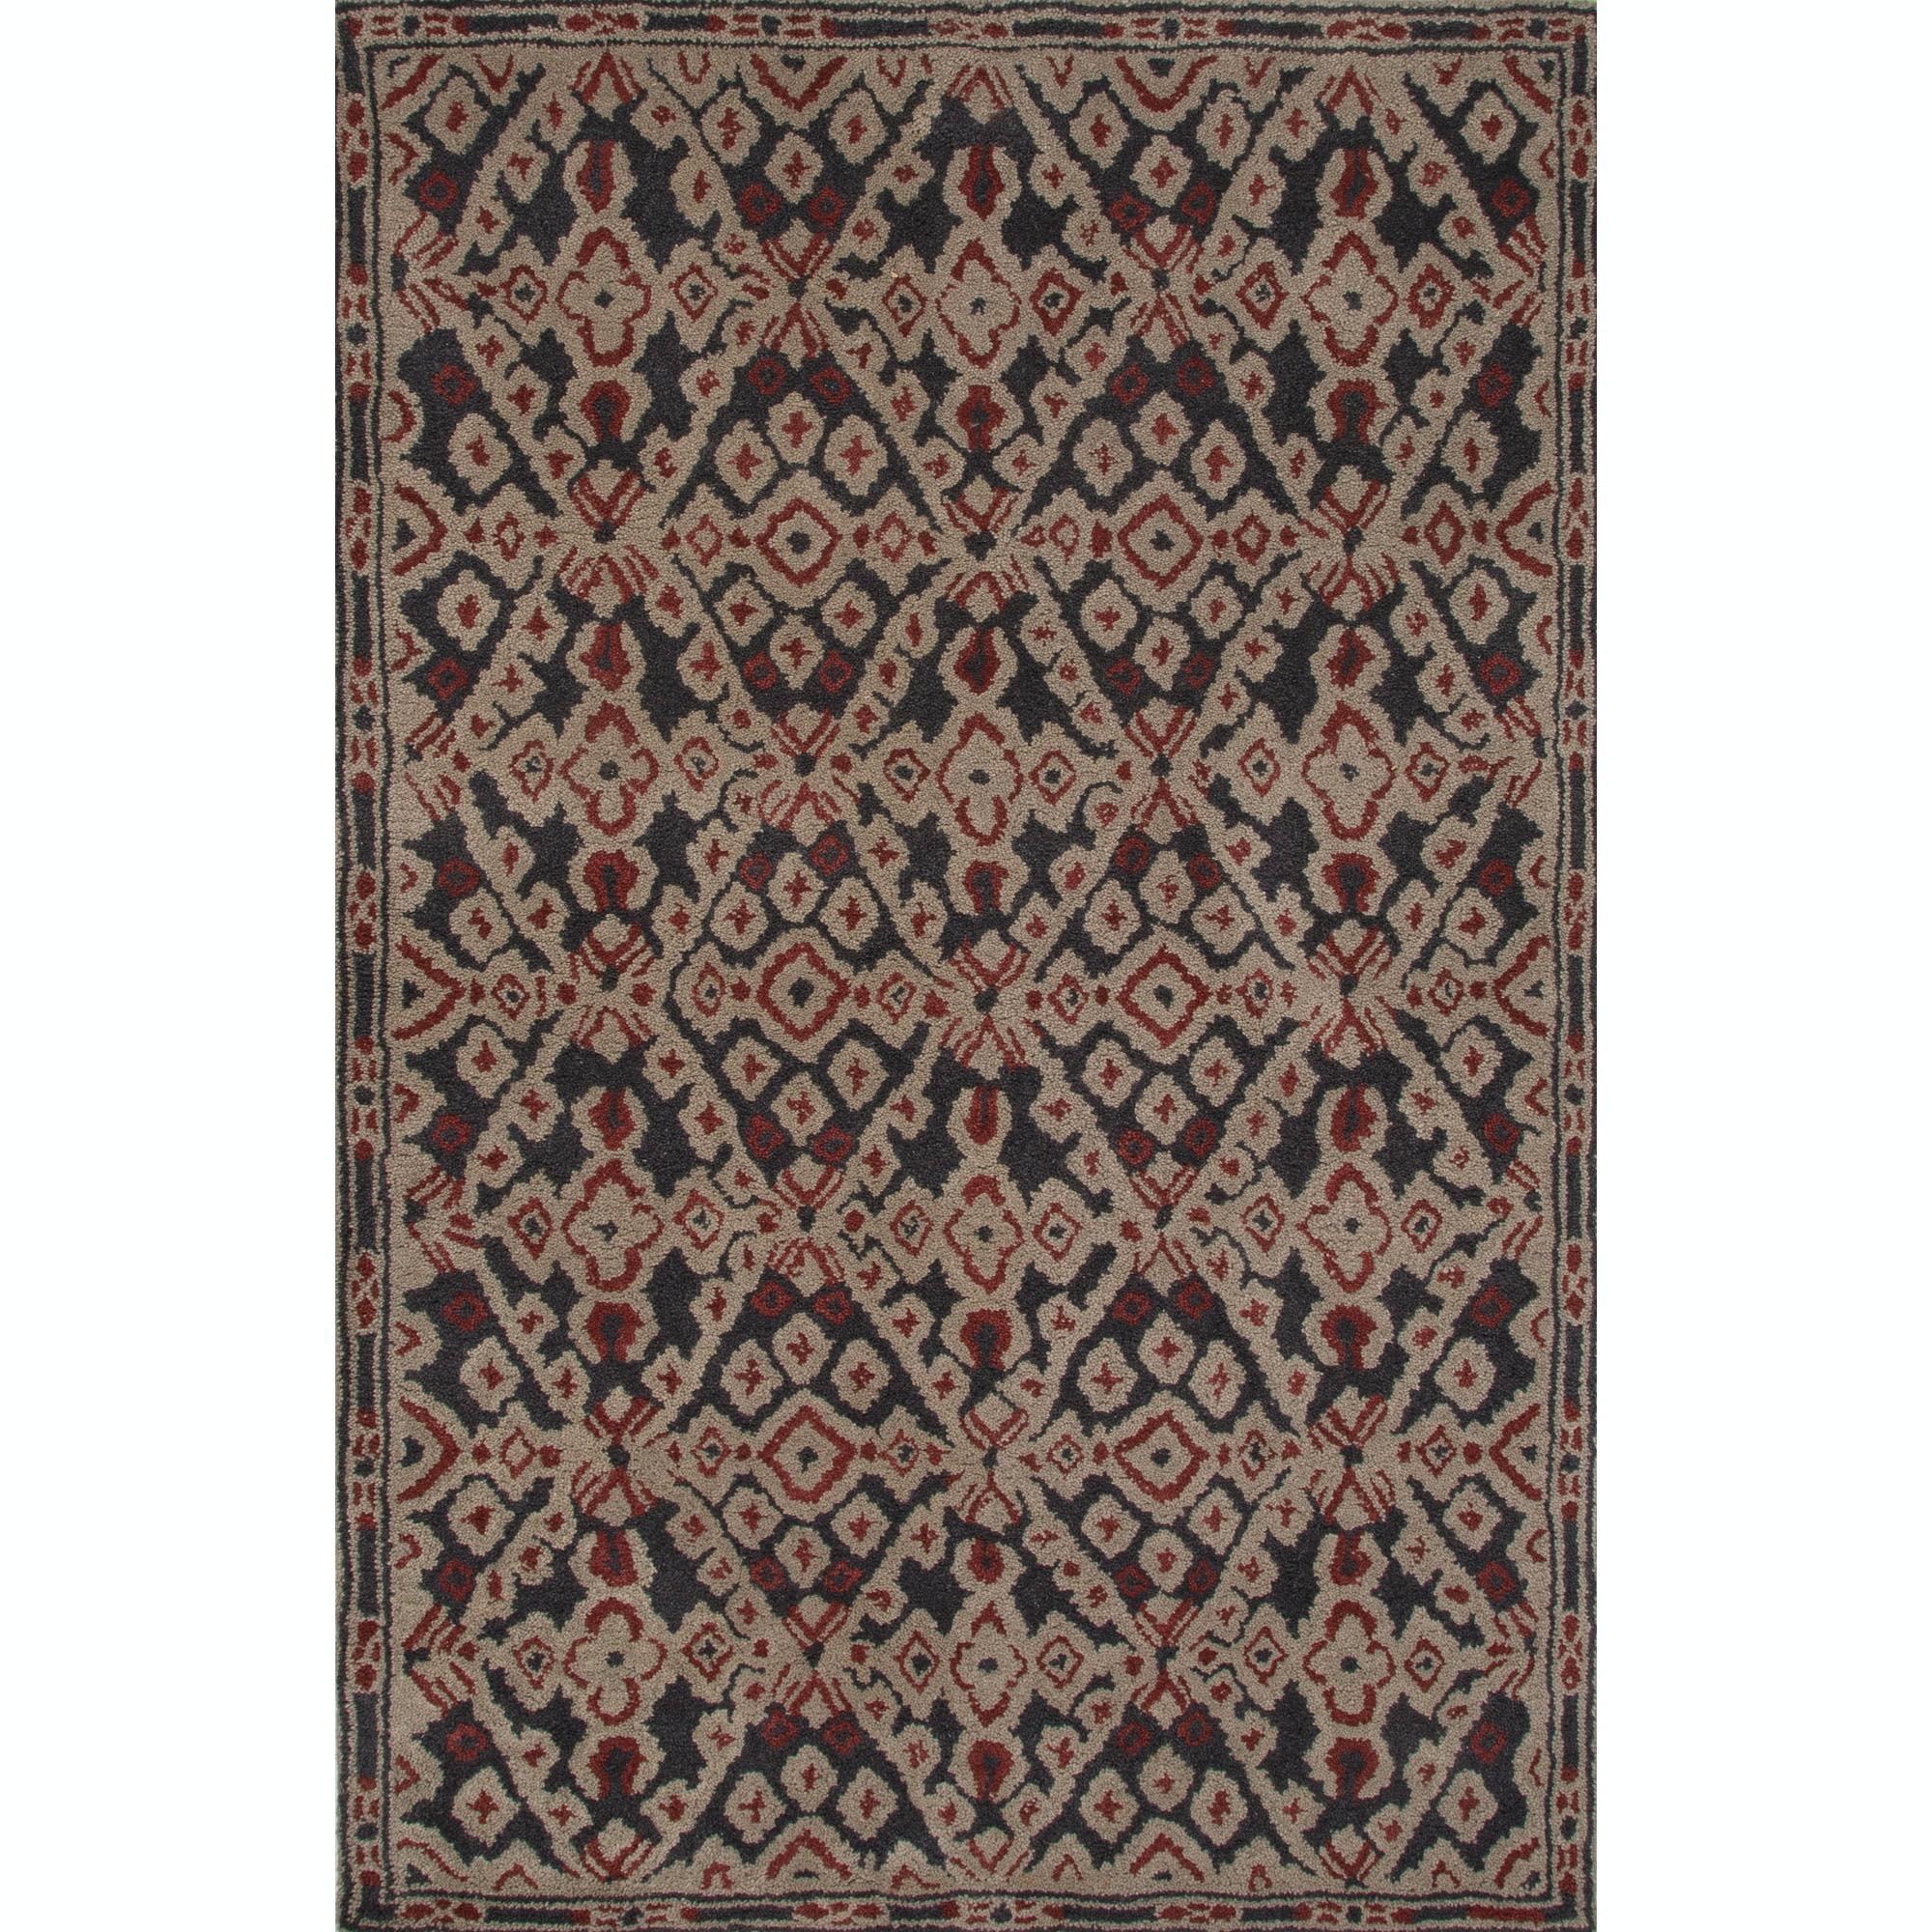 Jaipur Rugs Floor Coverings Jaipur Hand Tufted Tribal Pattern Black